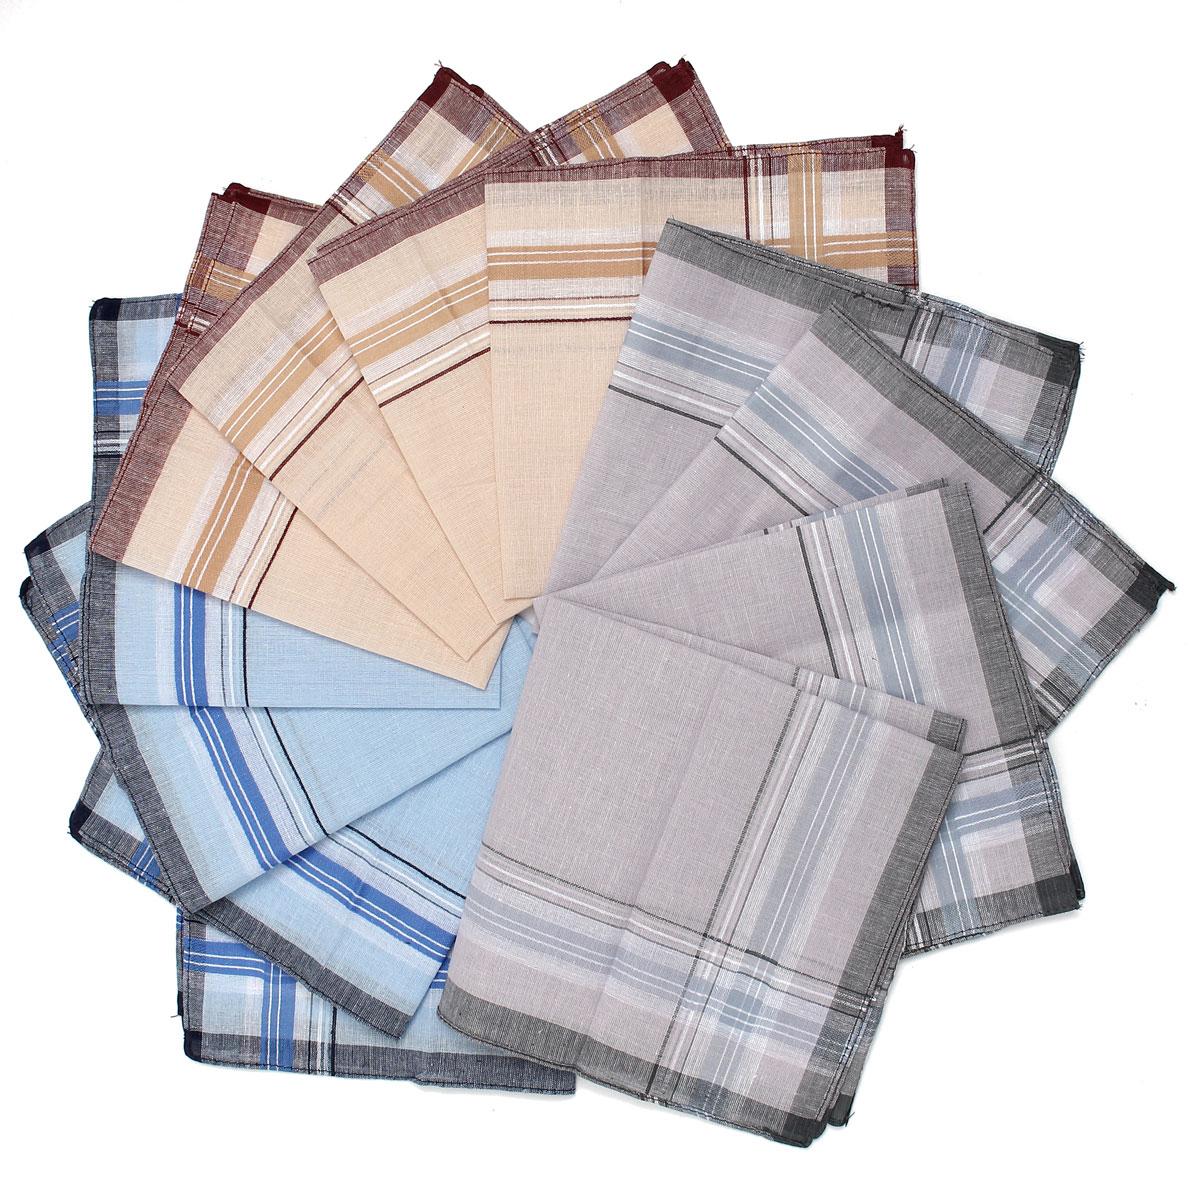 12 Pcs Plaid Square Handkerchiefs Men Cotton 36x36cm Grid Men's Business Chest Towel Pockets Hanky Handkerchief Fore Male Hankie